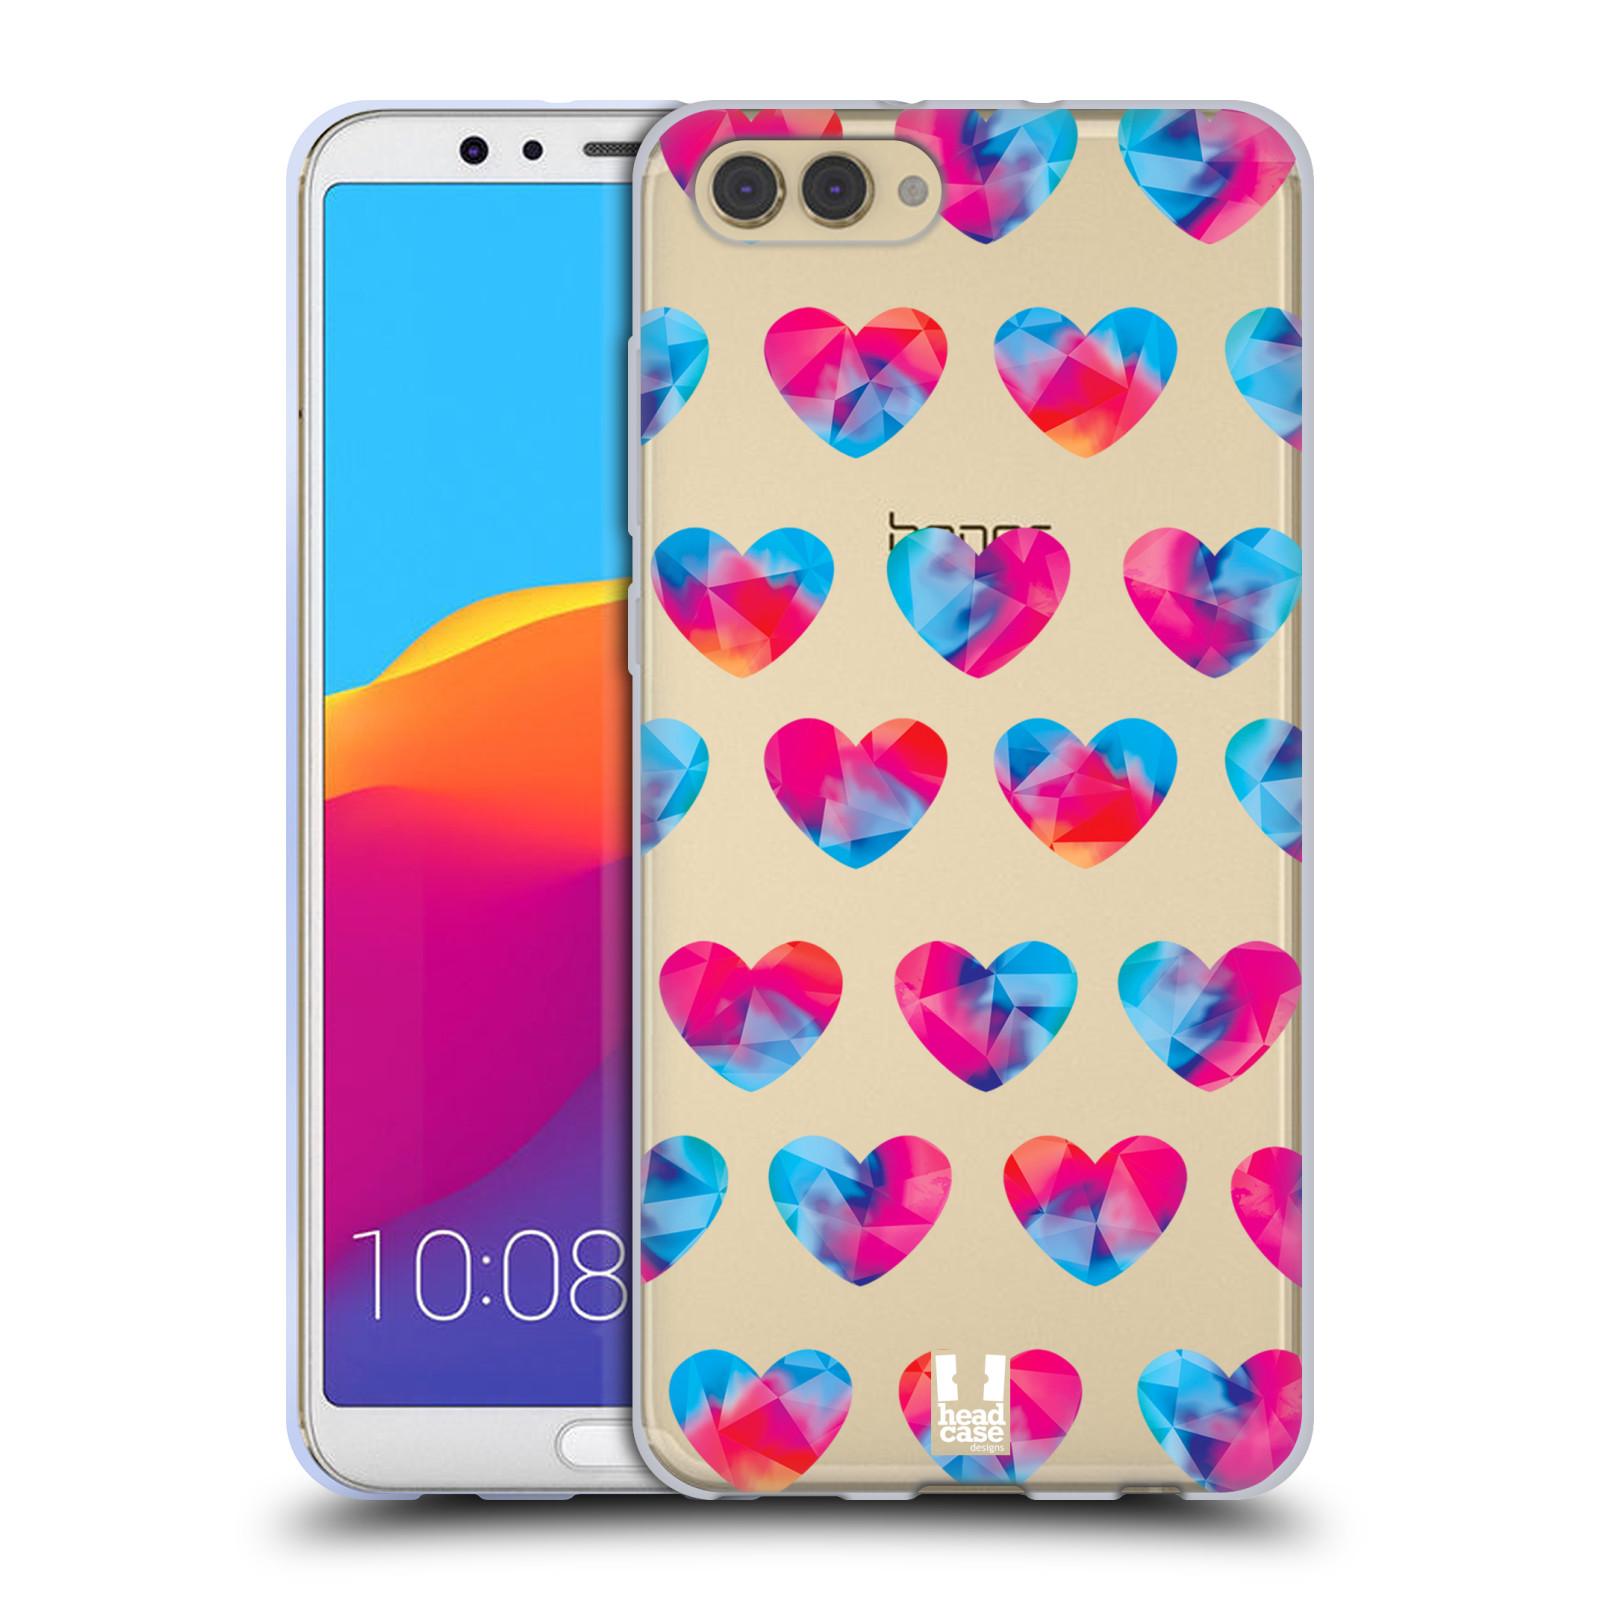 Silikonové pouzdro na mobil Honor View 10 - Head Case - Srdíčka hrající barvami